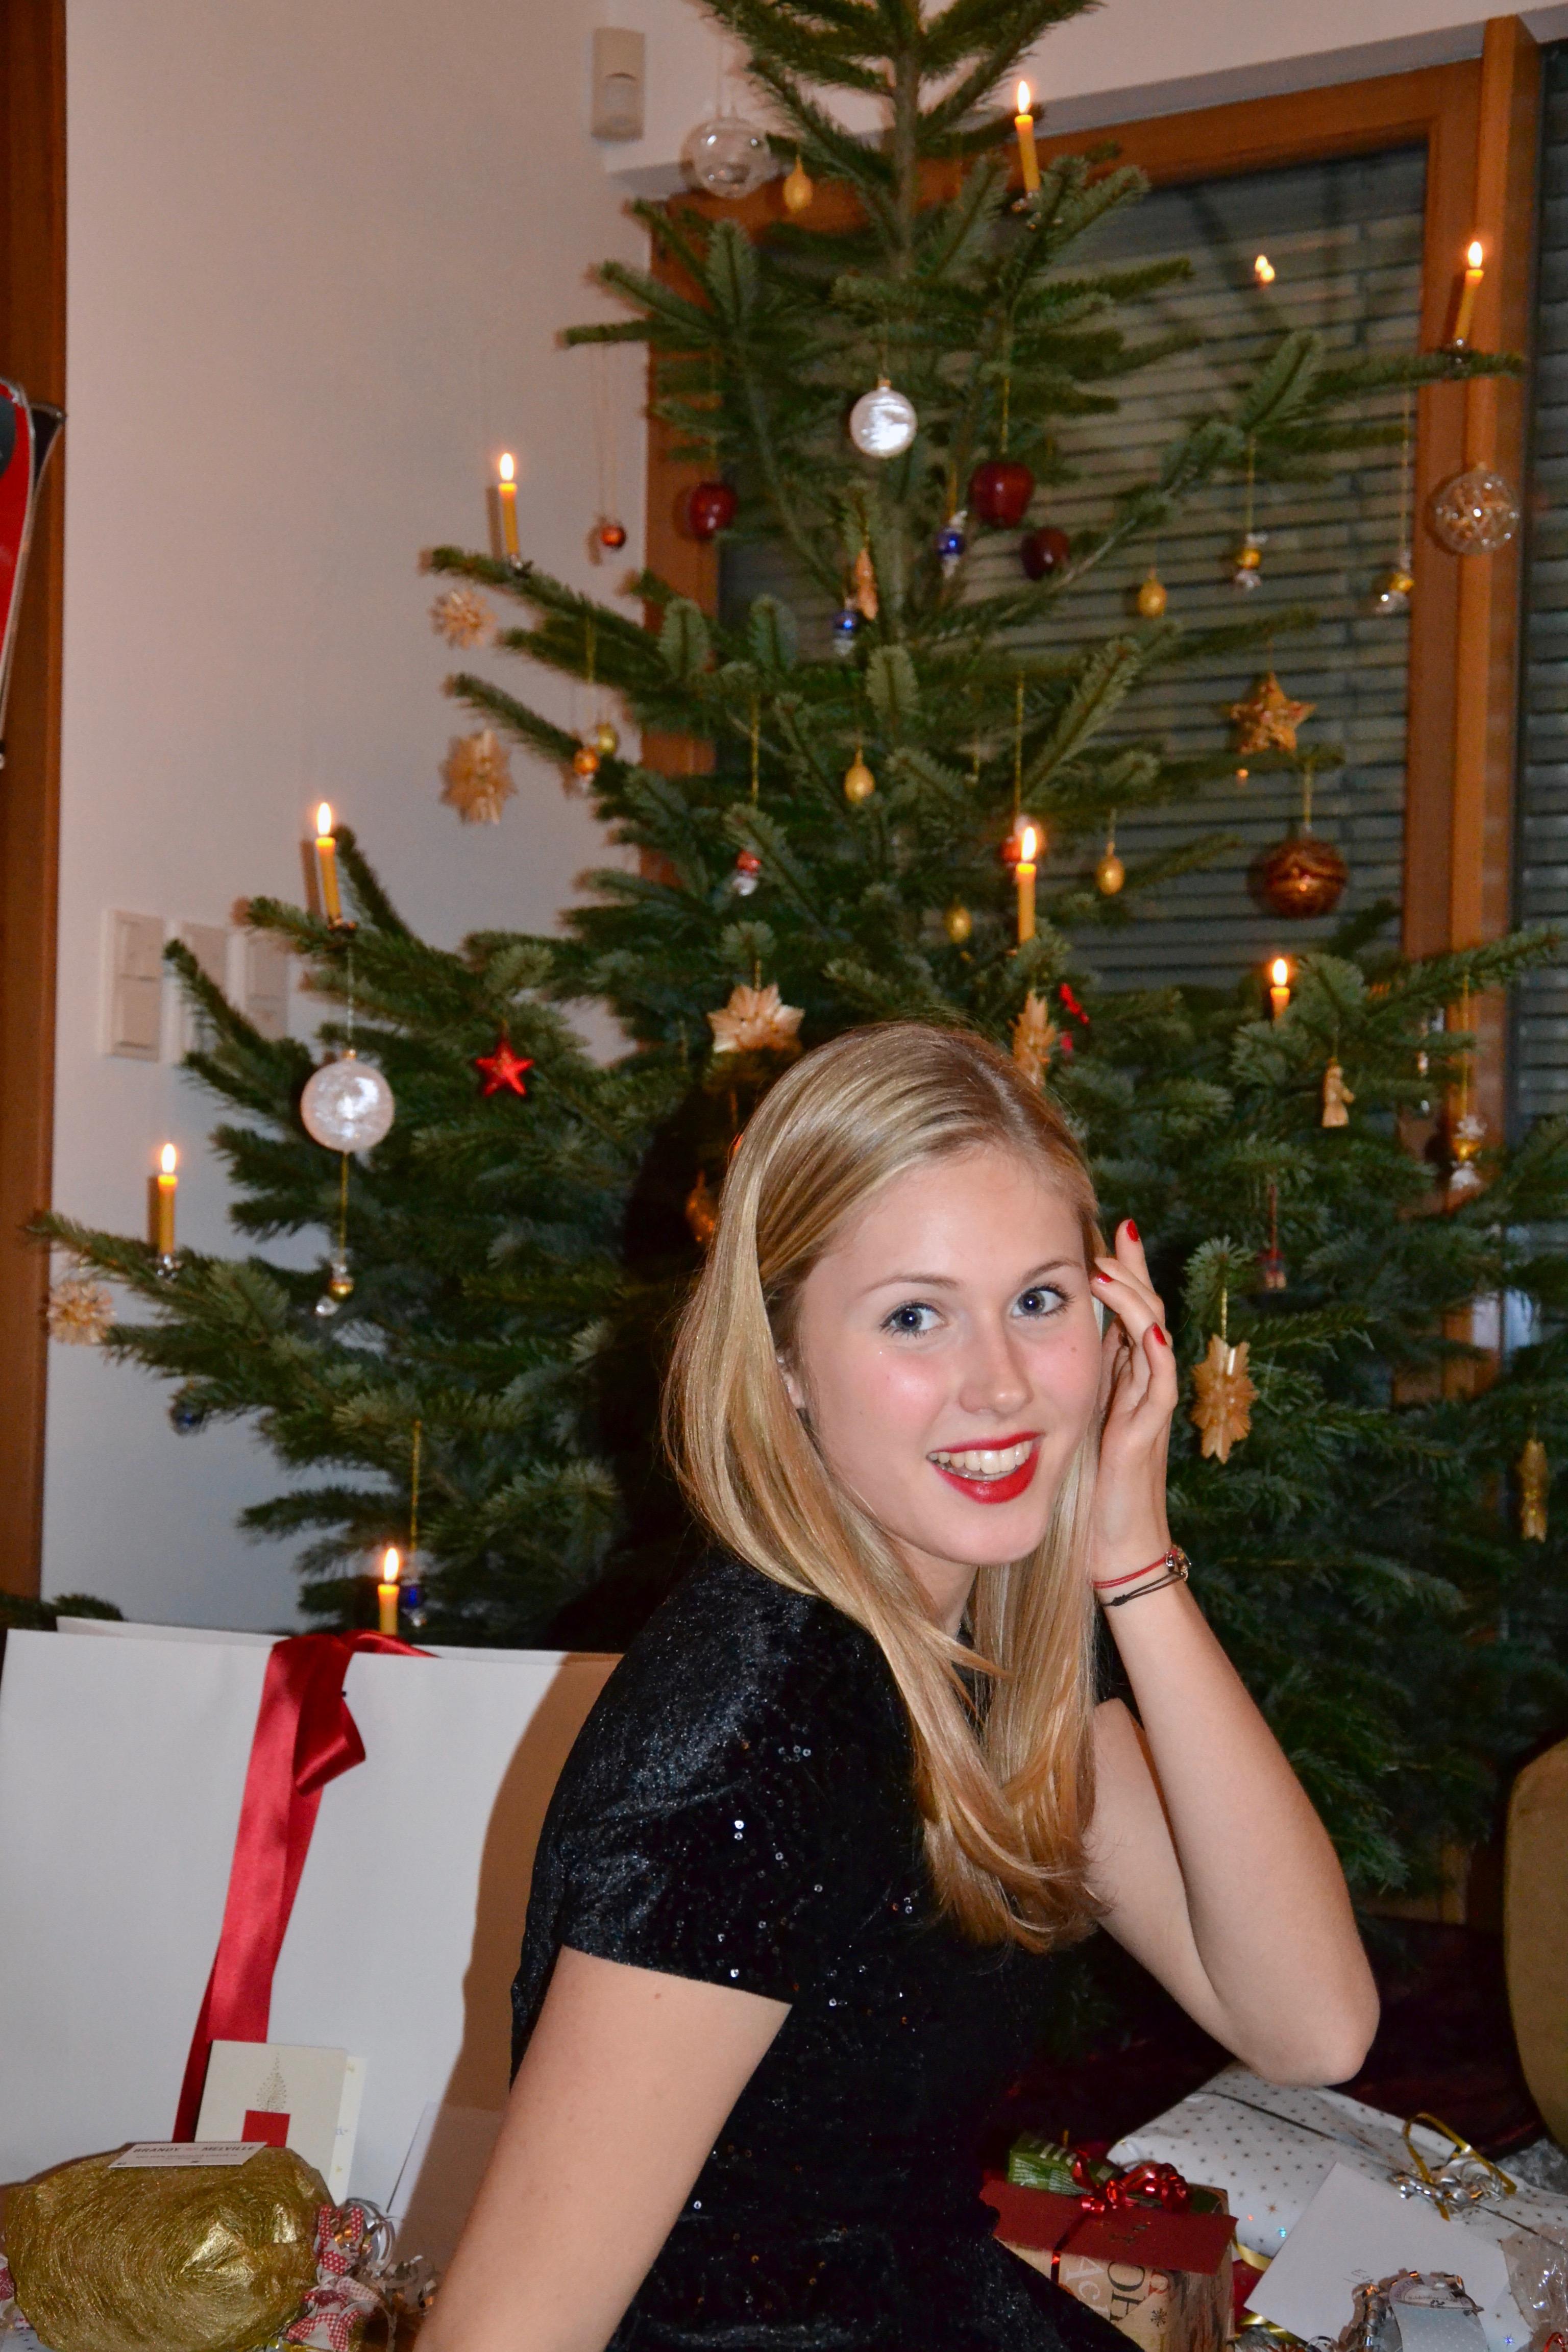 Bits and Bobs by Eva, Blog, Austrian Blog, Österreichische Blog, lovedailydose, your daily treat, fashion, beauty, food, interior, fitness, new, thingsilove, sOliver, bitsandbobsbyeva.com, travel, christmas, christmas is coming, madonna, blog der woche, österreich, interior, weihnachtsessen, scandinavian, norwegen, schweden, white, mcinterior, weihnachten, die schönste zeit im jahr